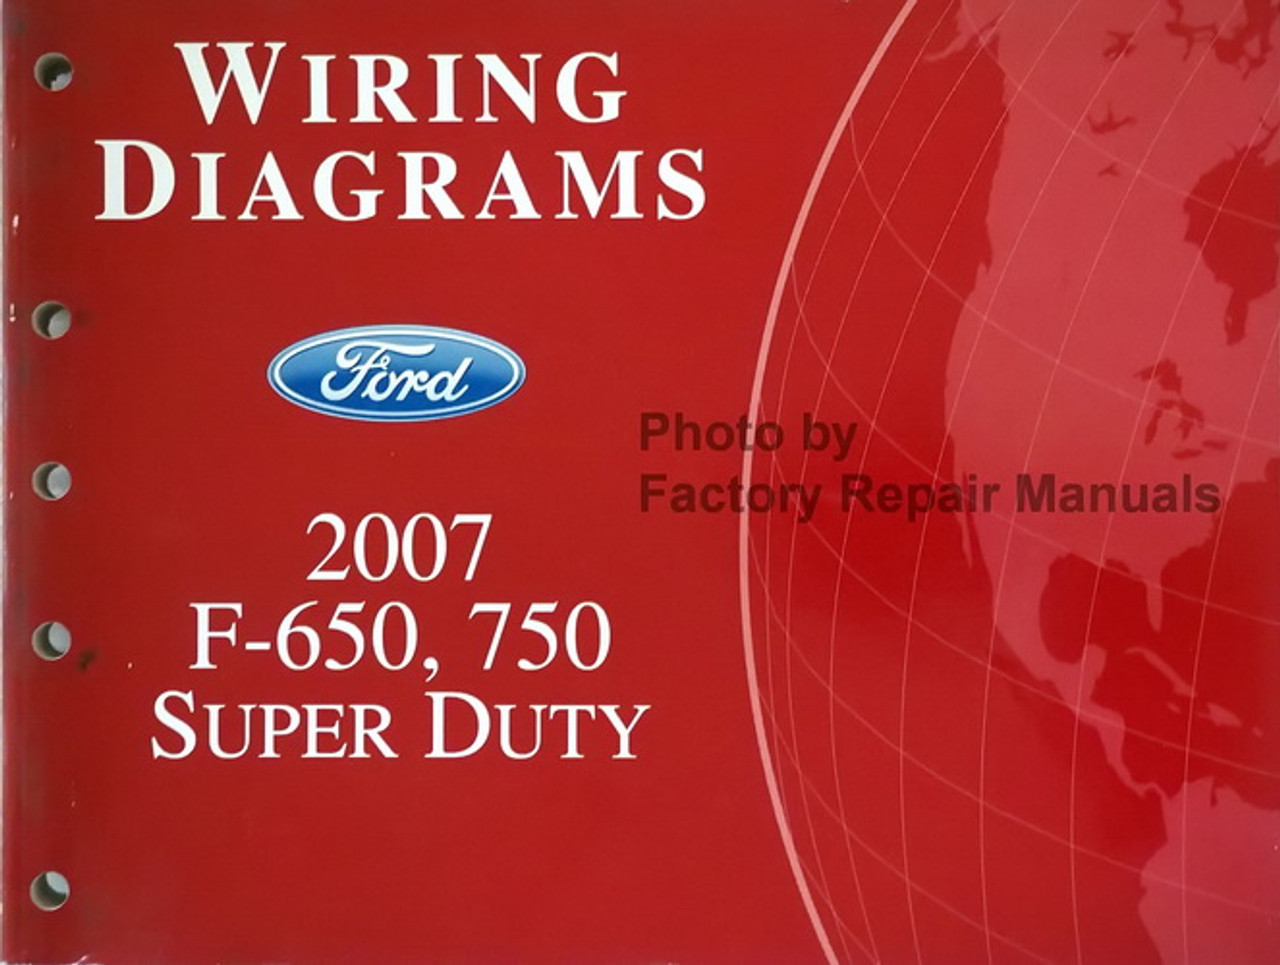 Ford F 750 Wiring Diagram - Wiring Diagram All  F Wiring Diagram Starter on 2001 ford explorer fuse diagram, f100 wiring diagram, 2006 ford truck wiring diagram, ford super duty wiring diagram, 2000 f750 fuse diagram, 2000 ford focus fuse diagram, ford ranger wiring diagram,